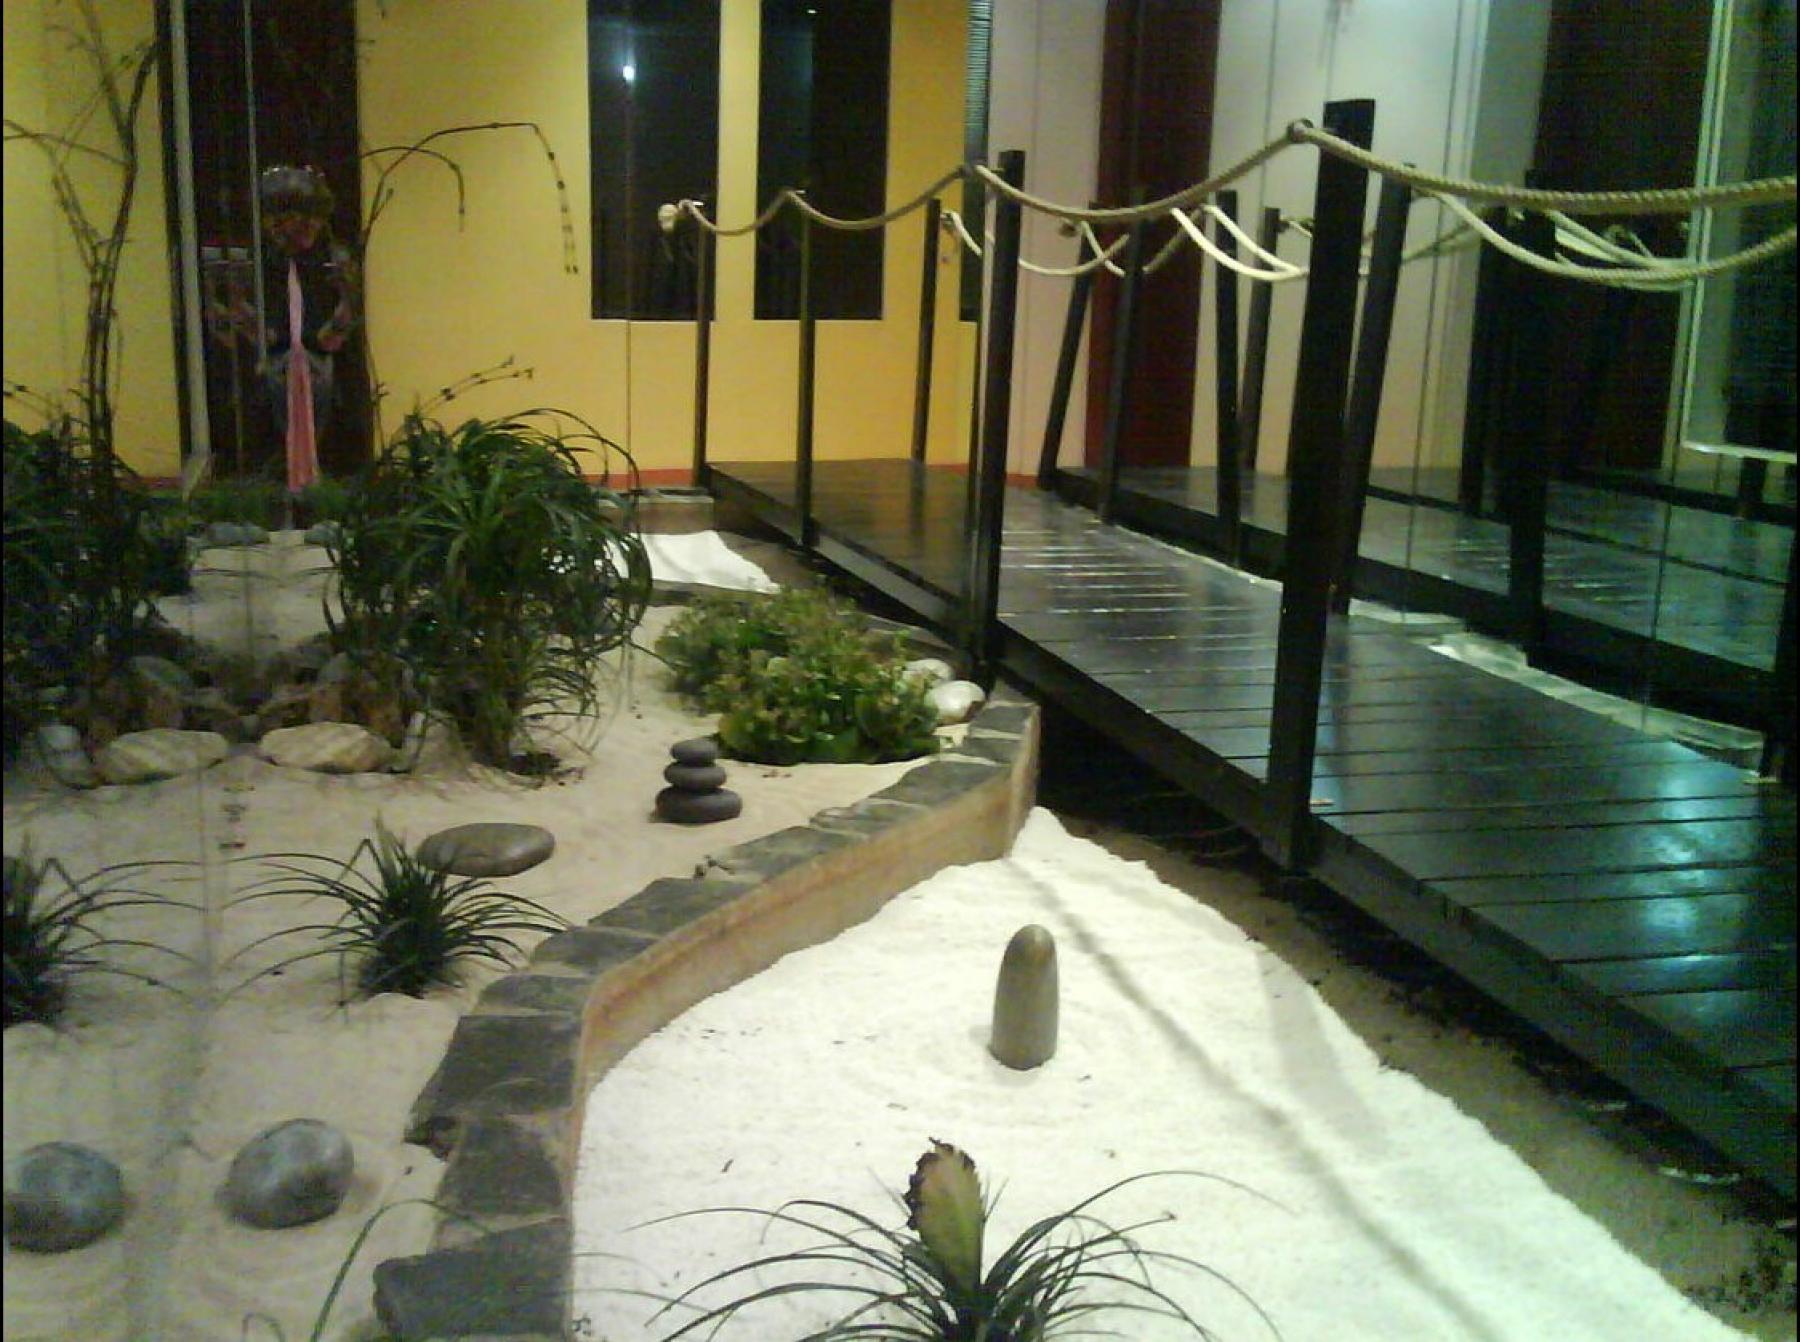 A Zen garden to relax at Carrer de la Diputació 279